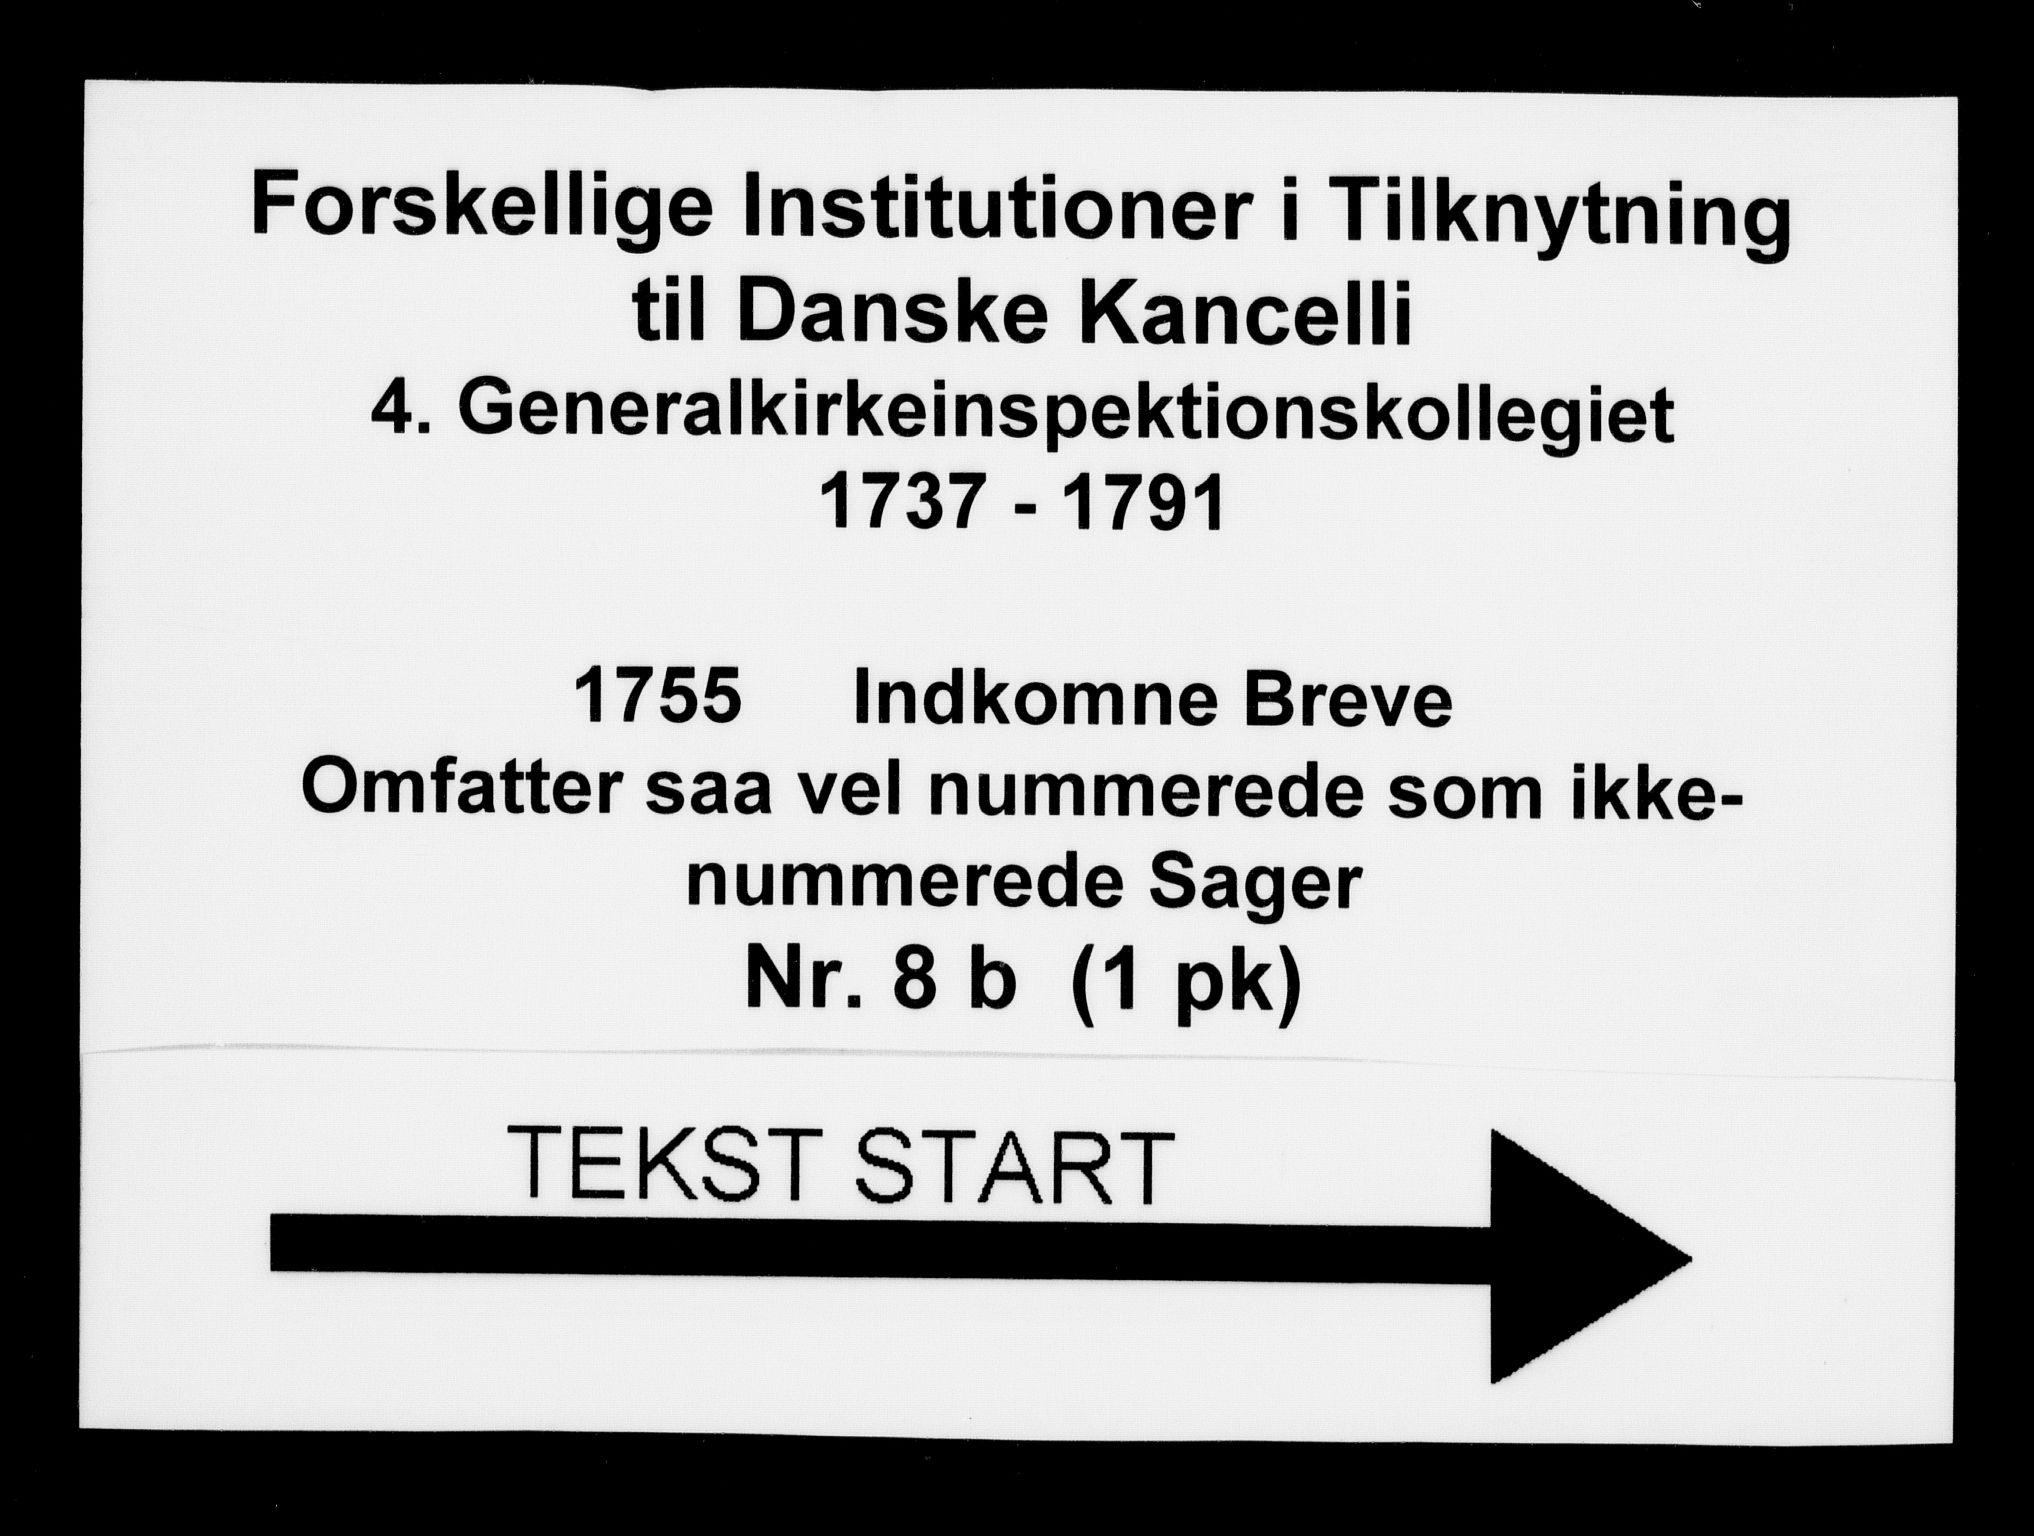 DRA, Generalkirkeinspektionskollegiet, F4-08/F4-08-02: Indkomne sager, 1755